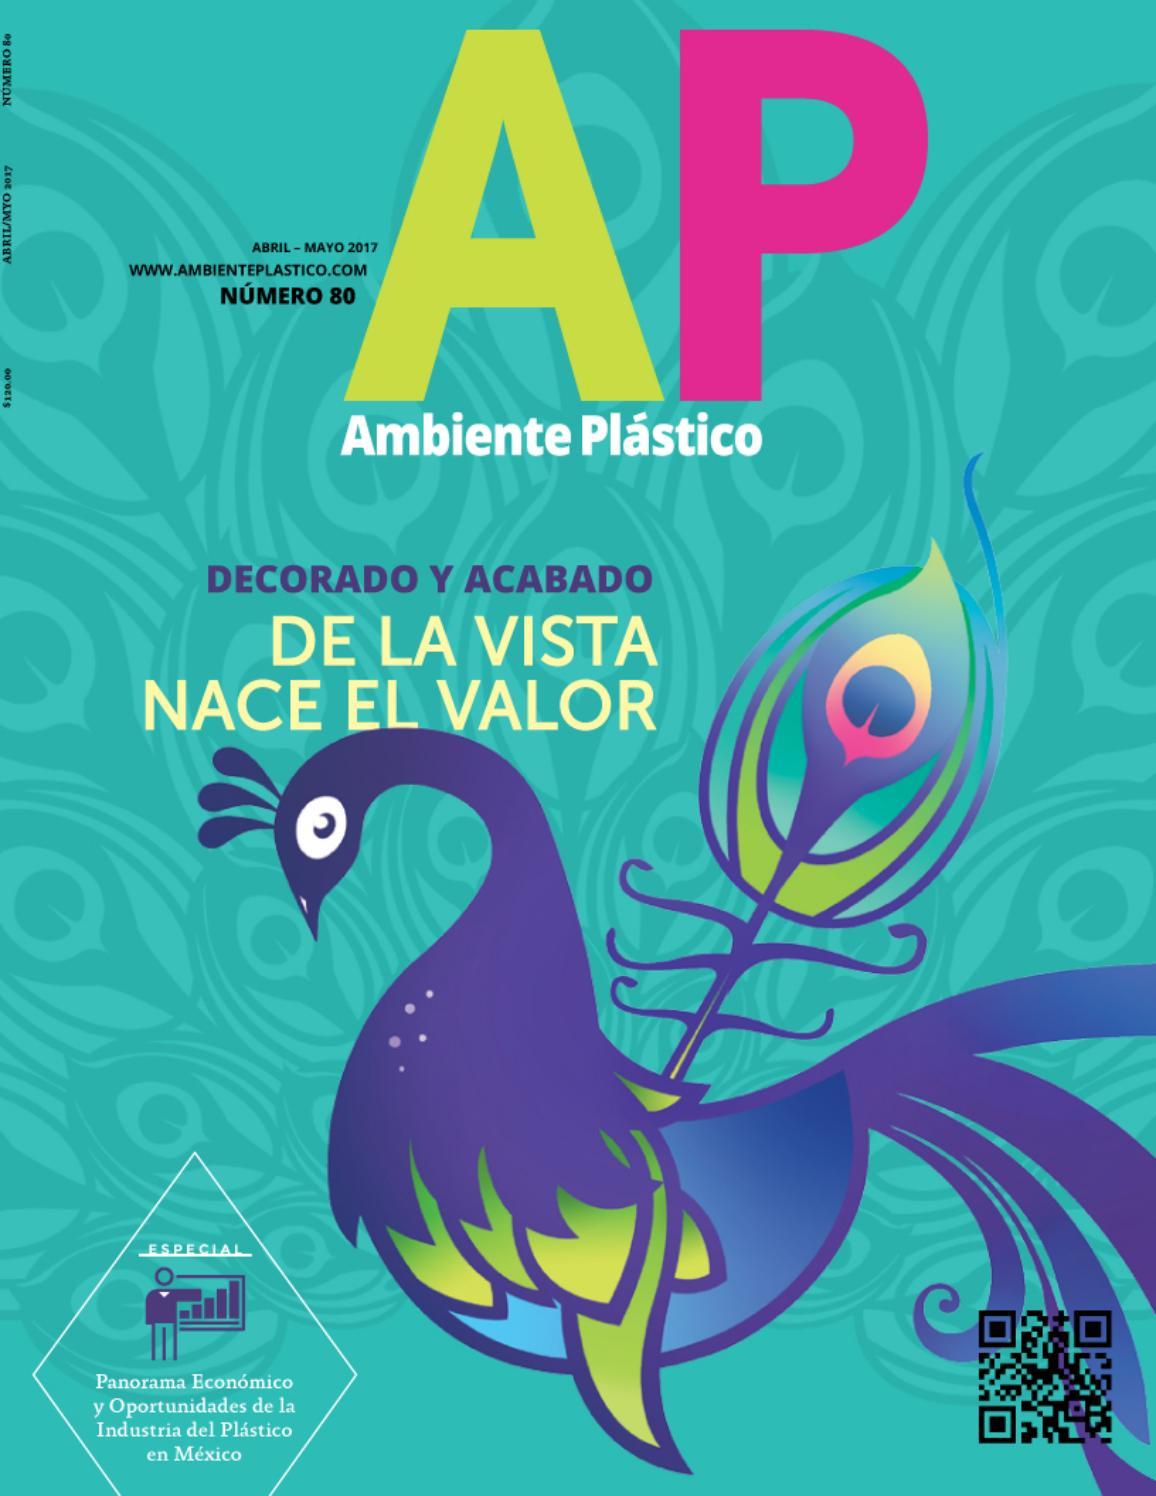 Ambiente Plástico No. 80 by Ambiente Plastico - issuu